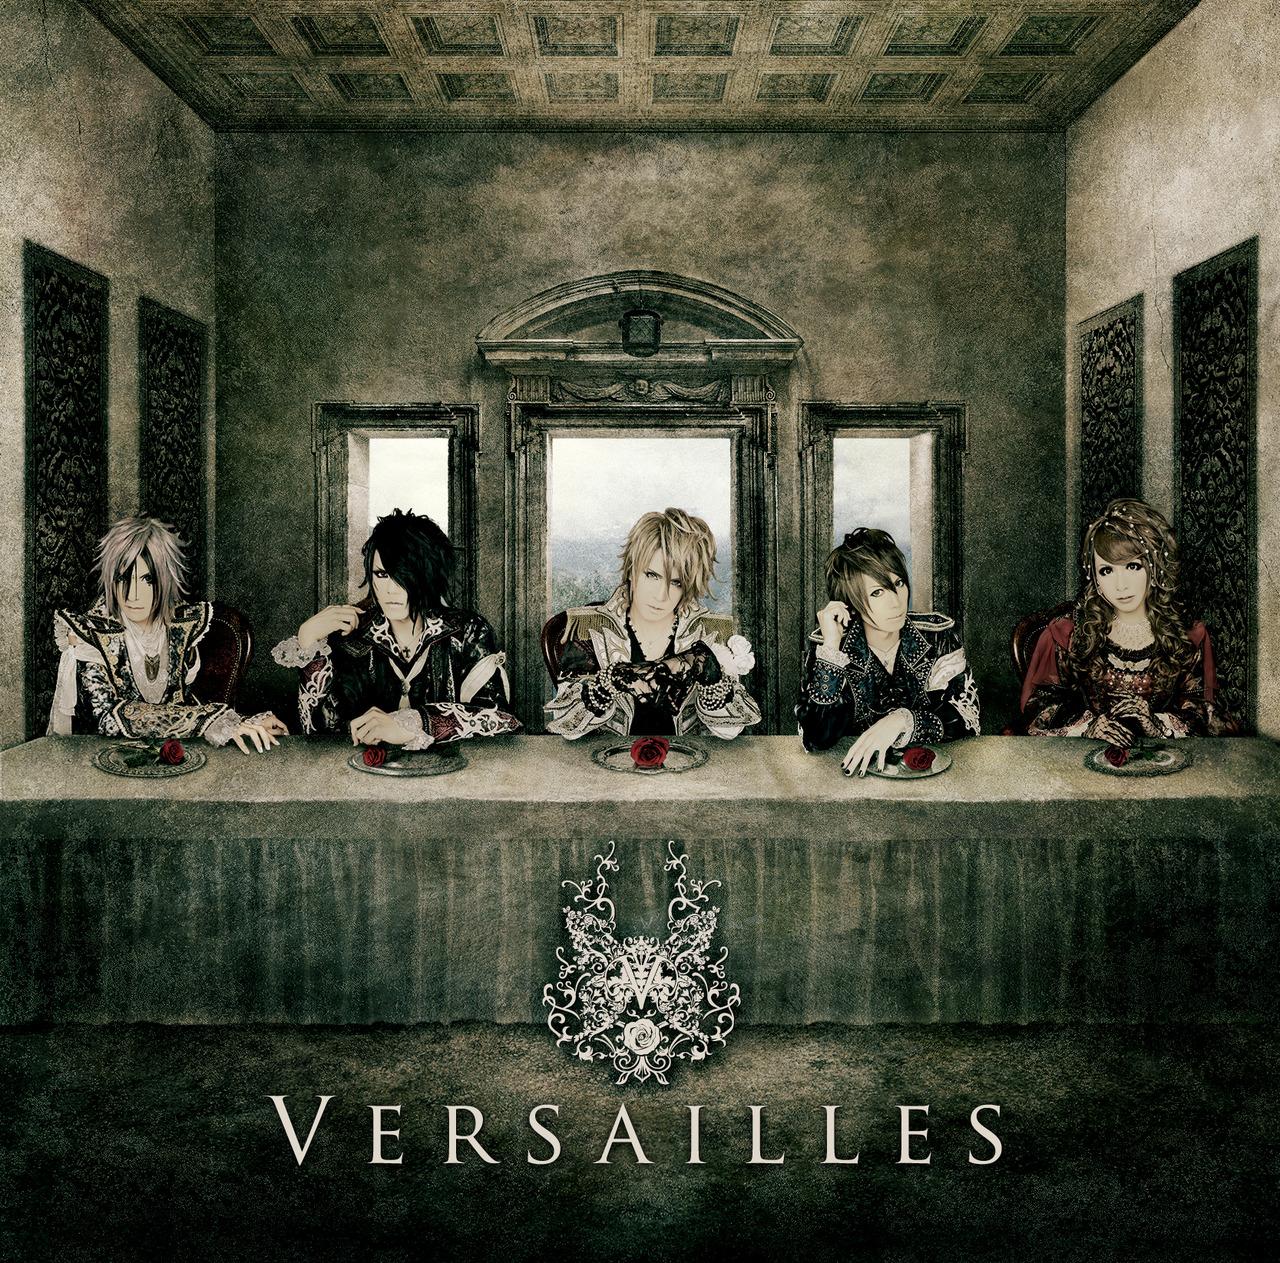 Album versailles versailles 2012